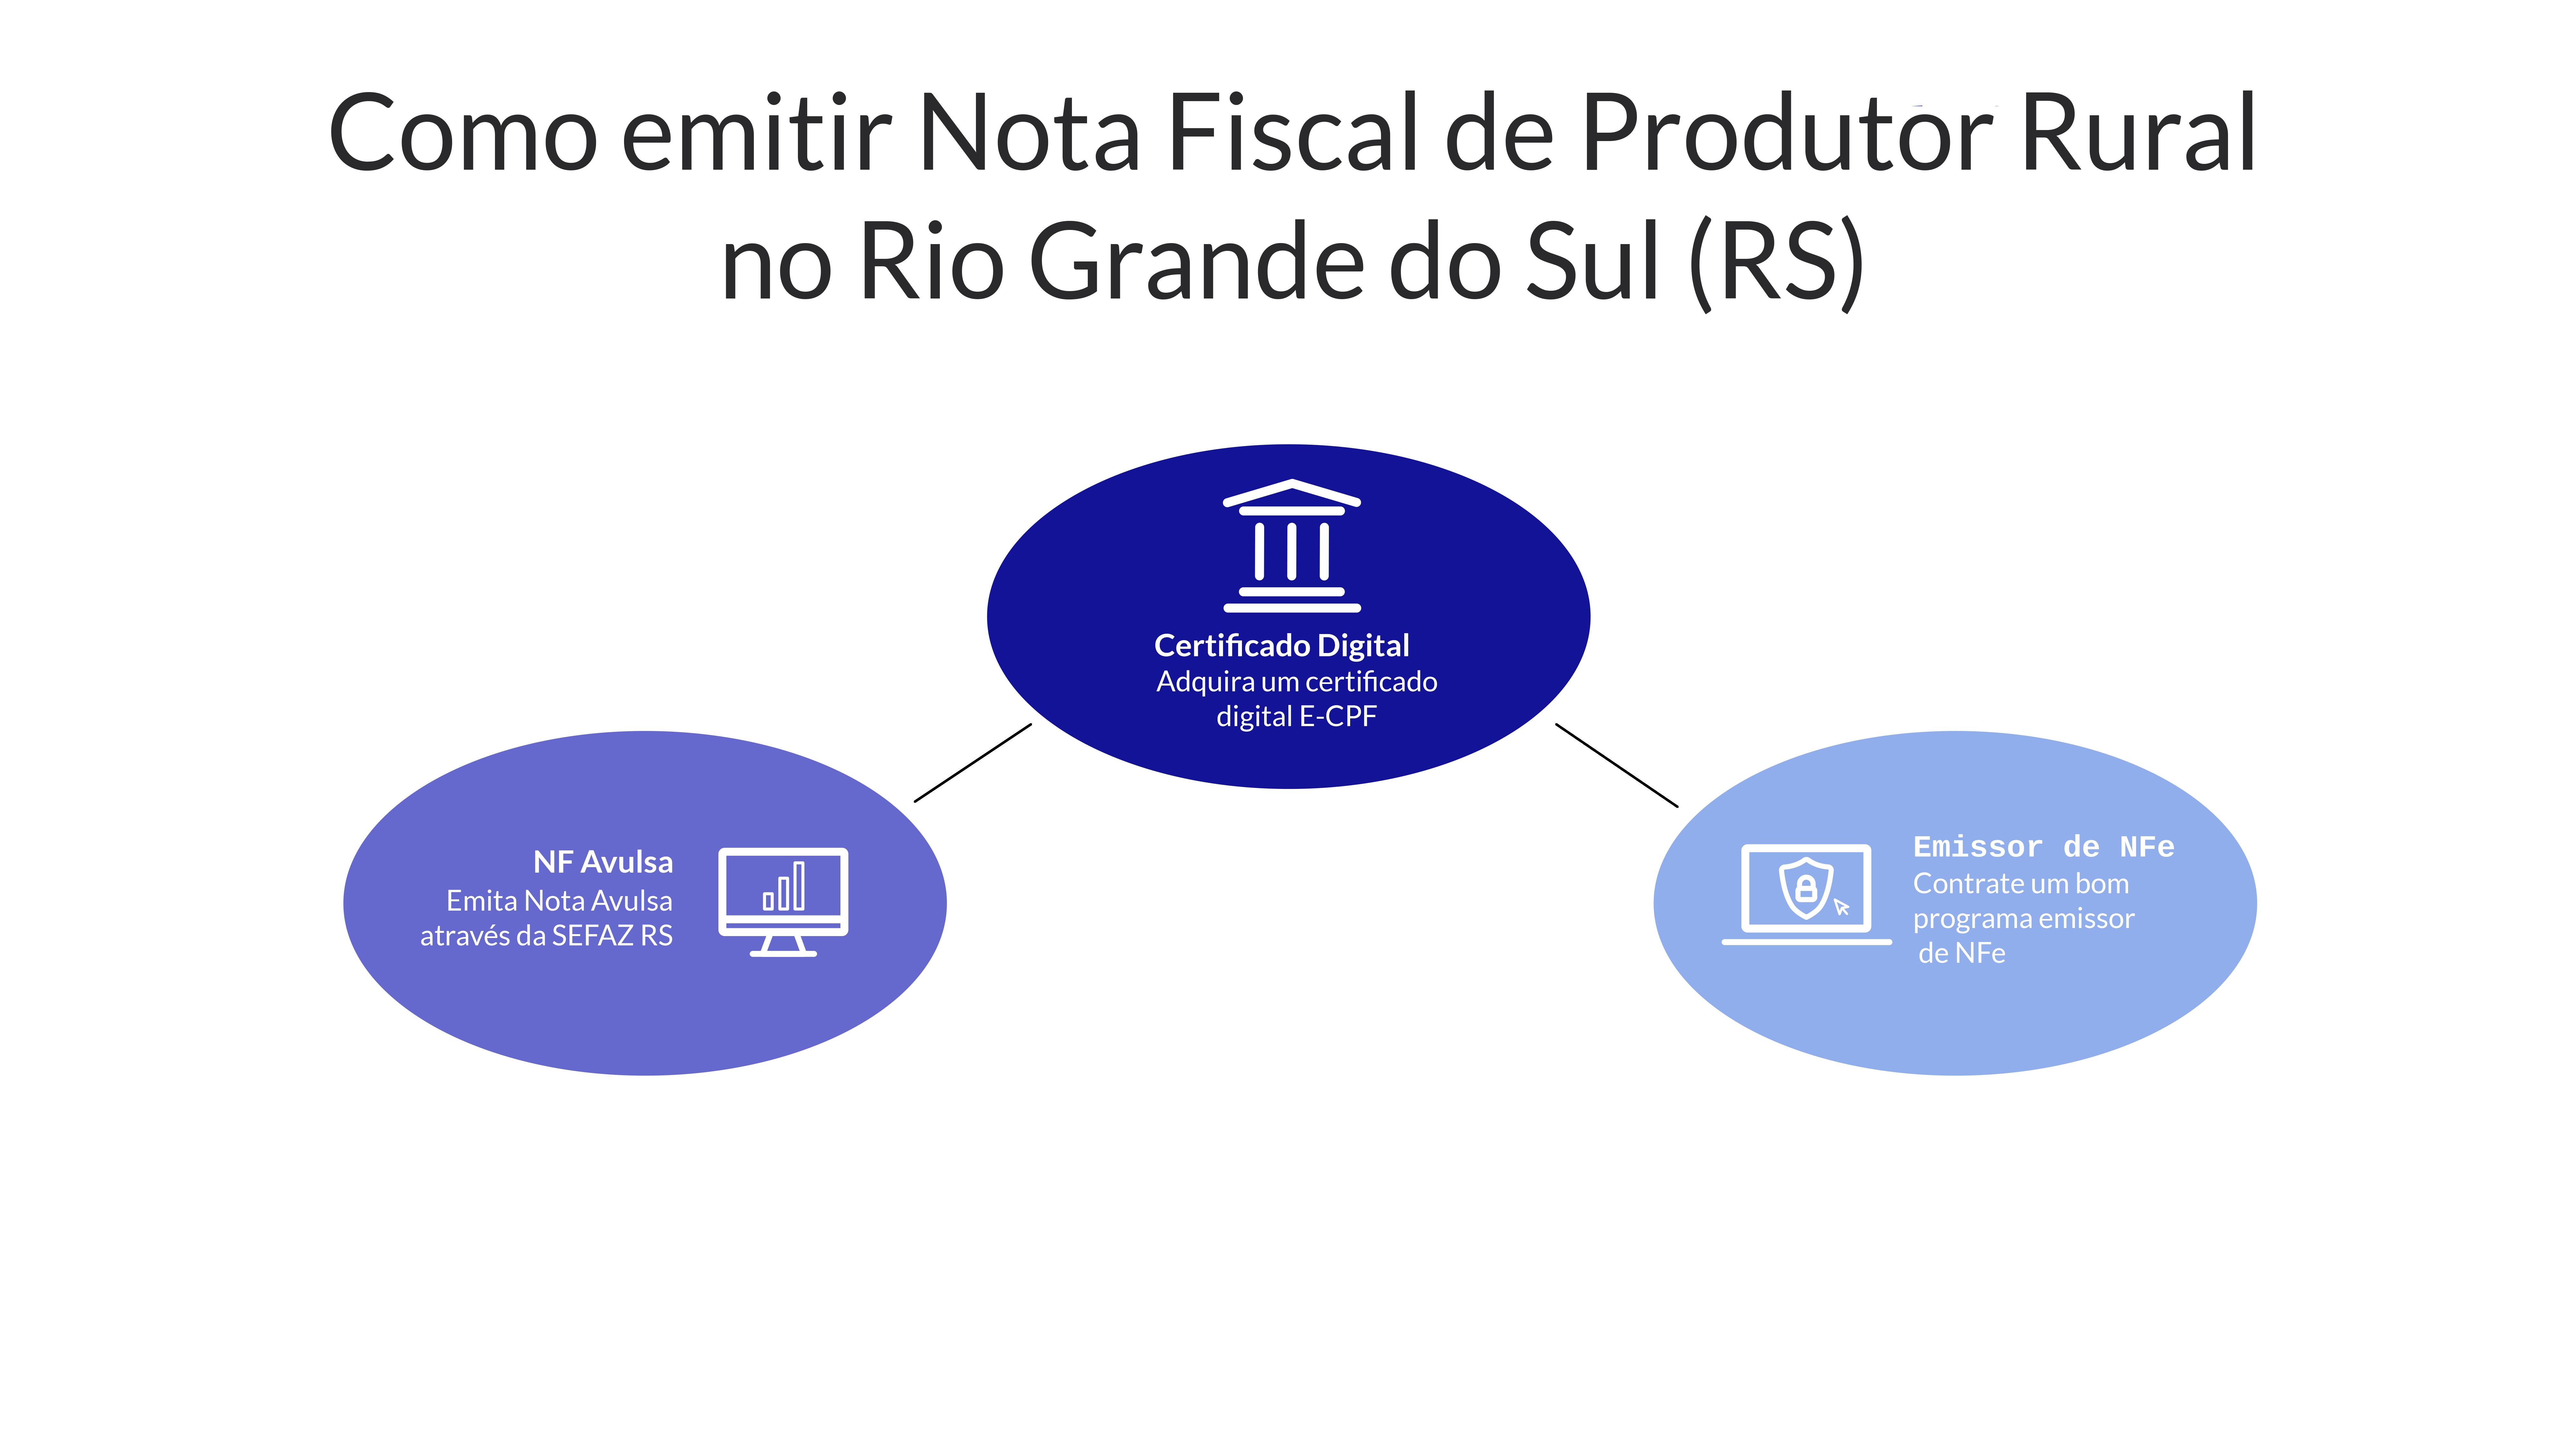 Infográfico sobre como emitir Nota Fiscal Eletrônica (NFe) de Produtor Rural no Rio Grande do Sul (RS)